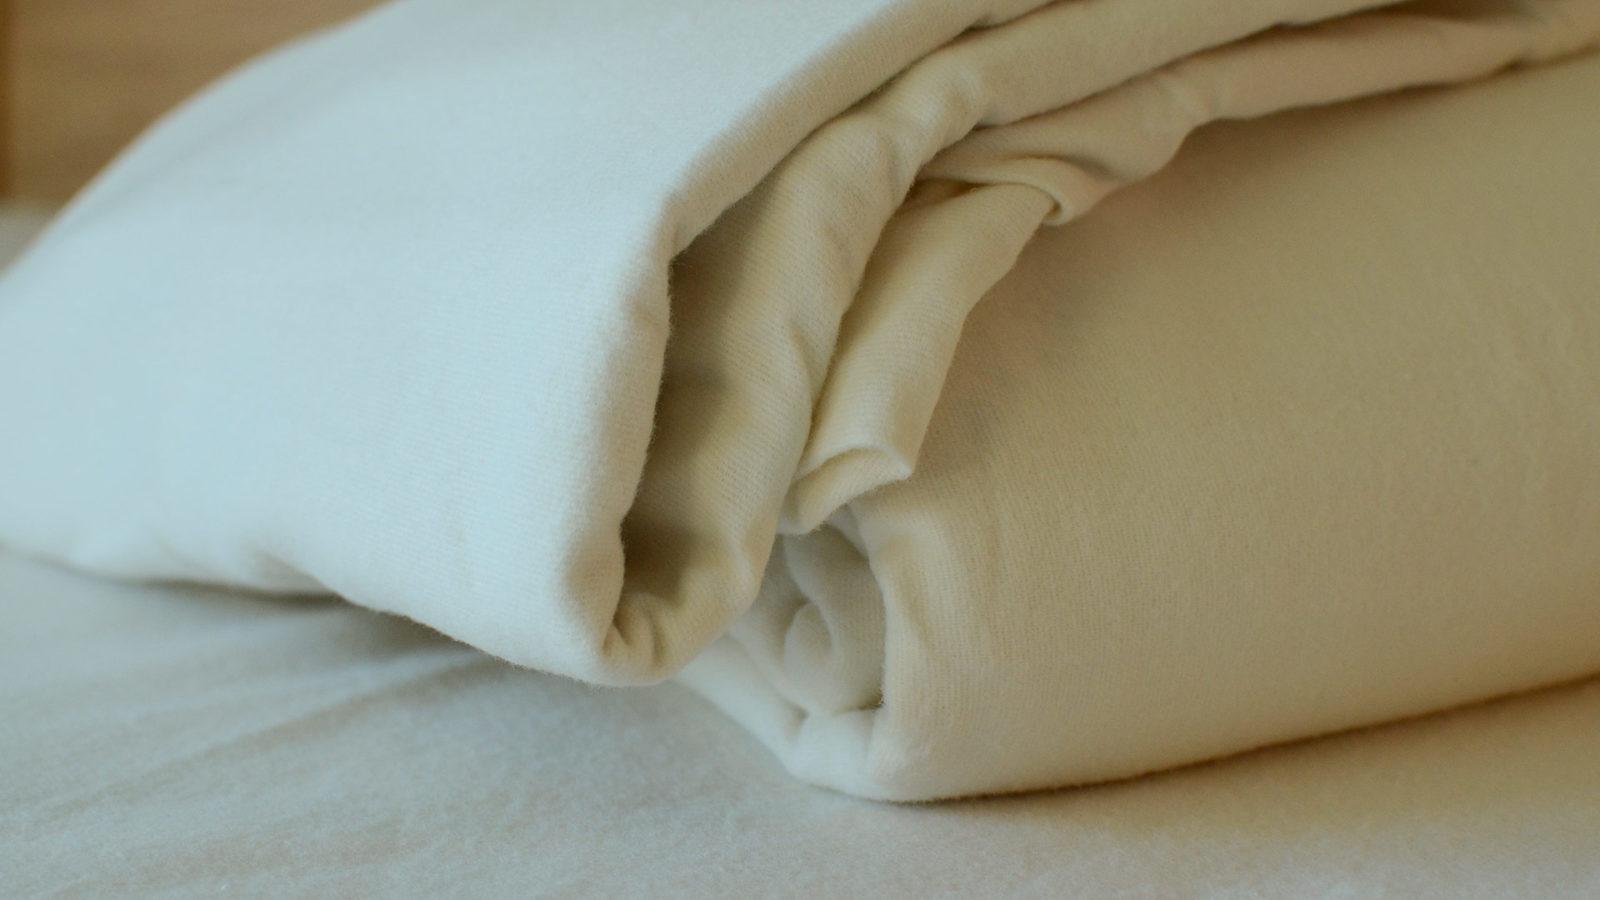 brushed-cotton-bedding-detail